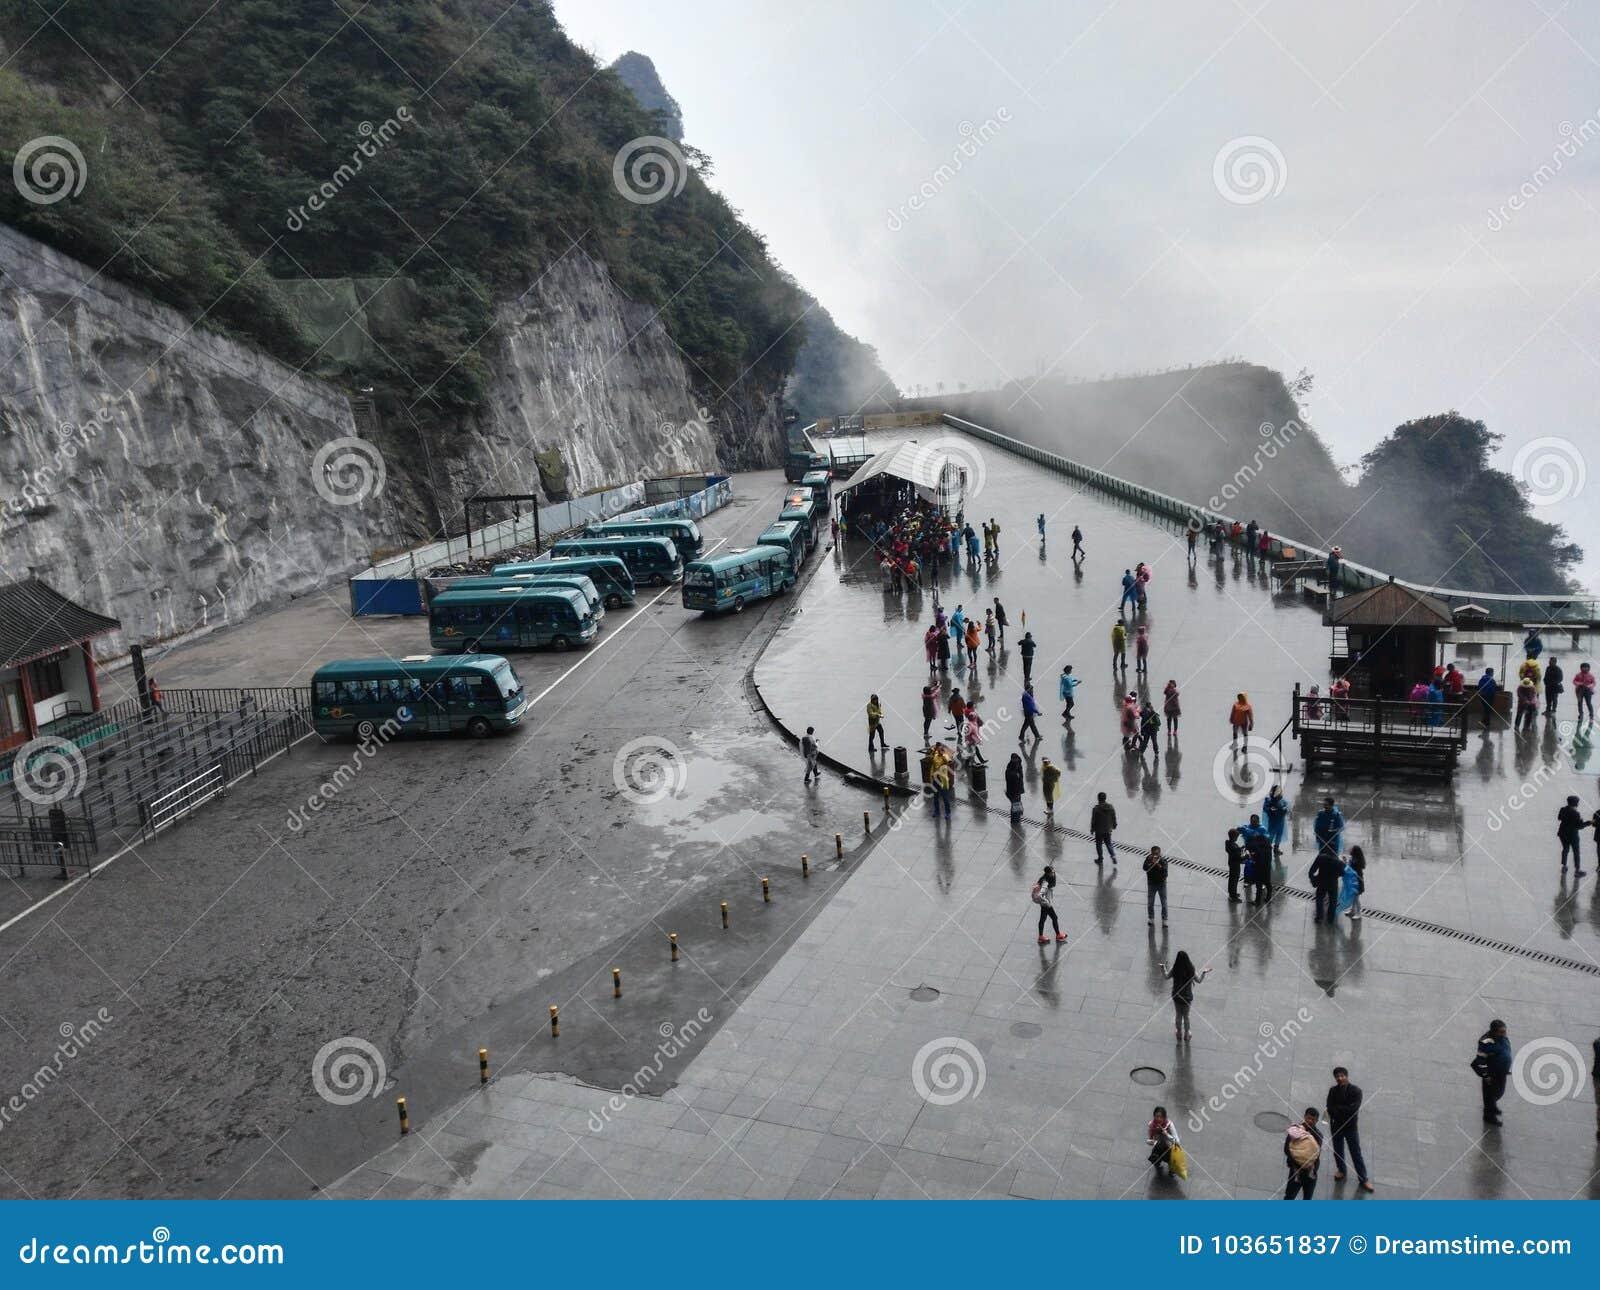 Chinese Hunan Zhangjiajie Tianmenshan Mountain parking lot hillside